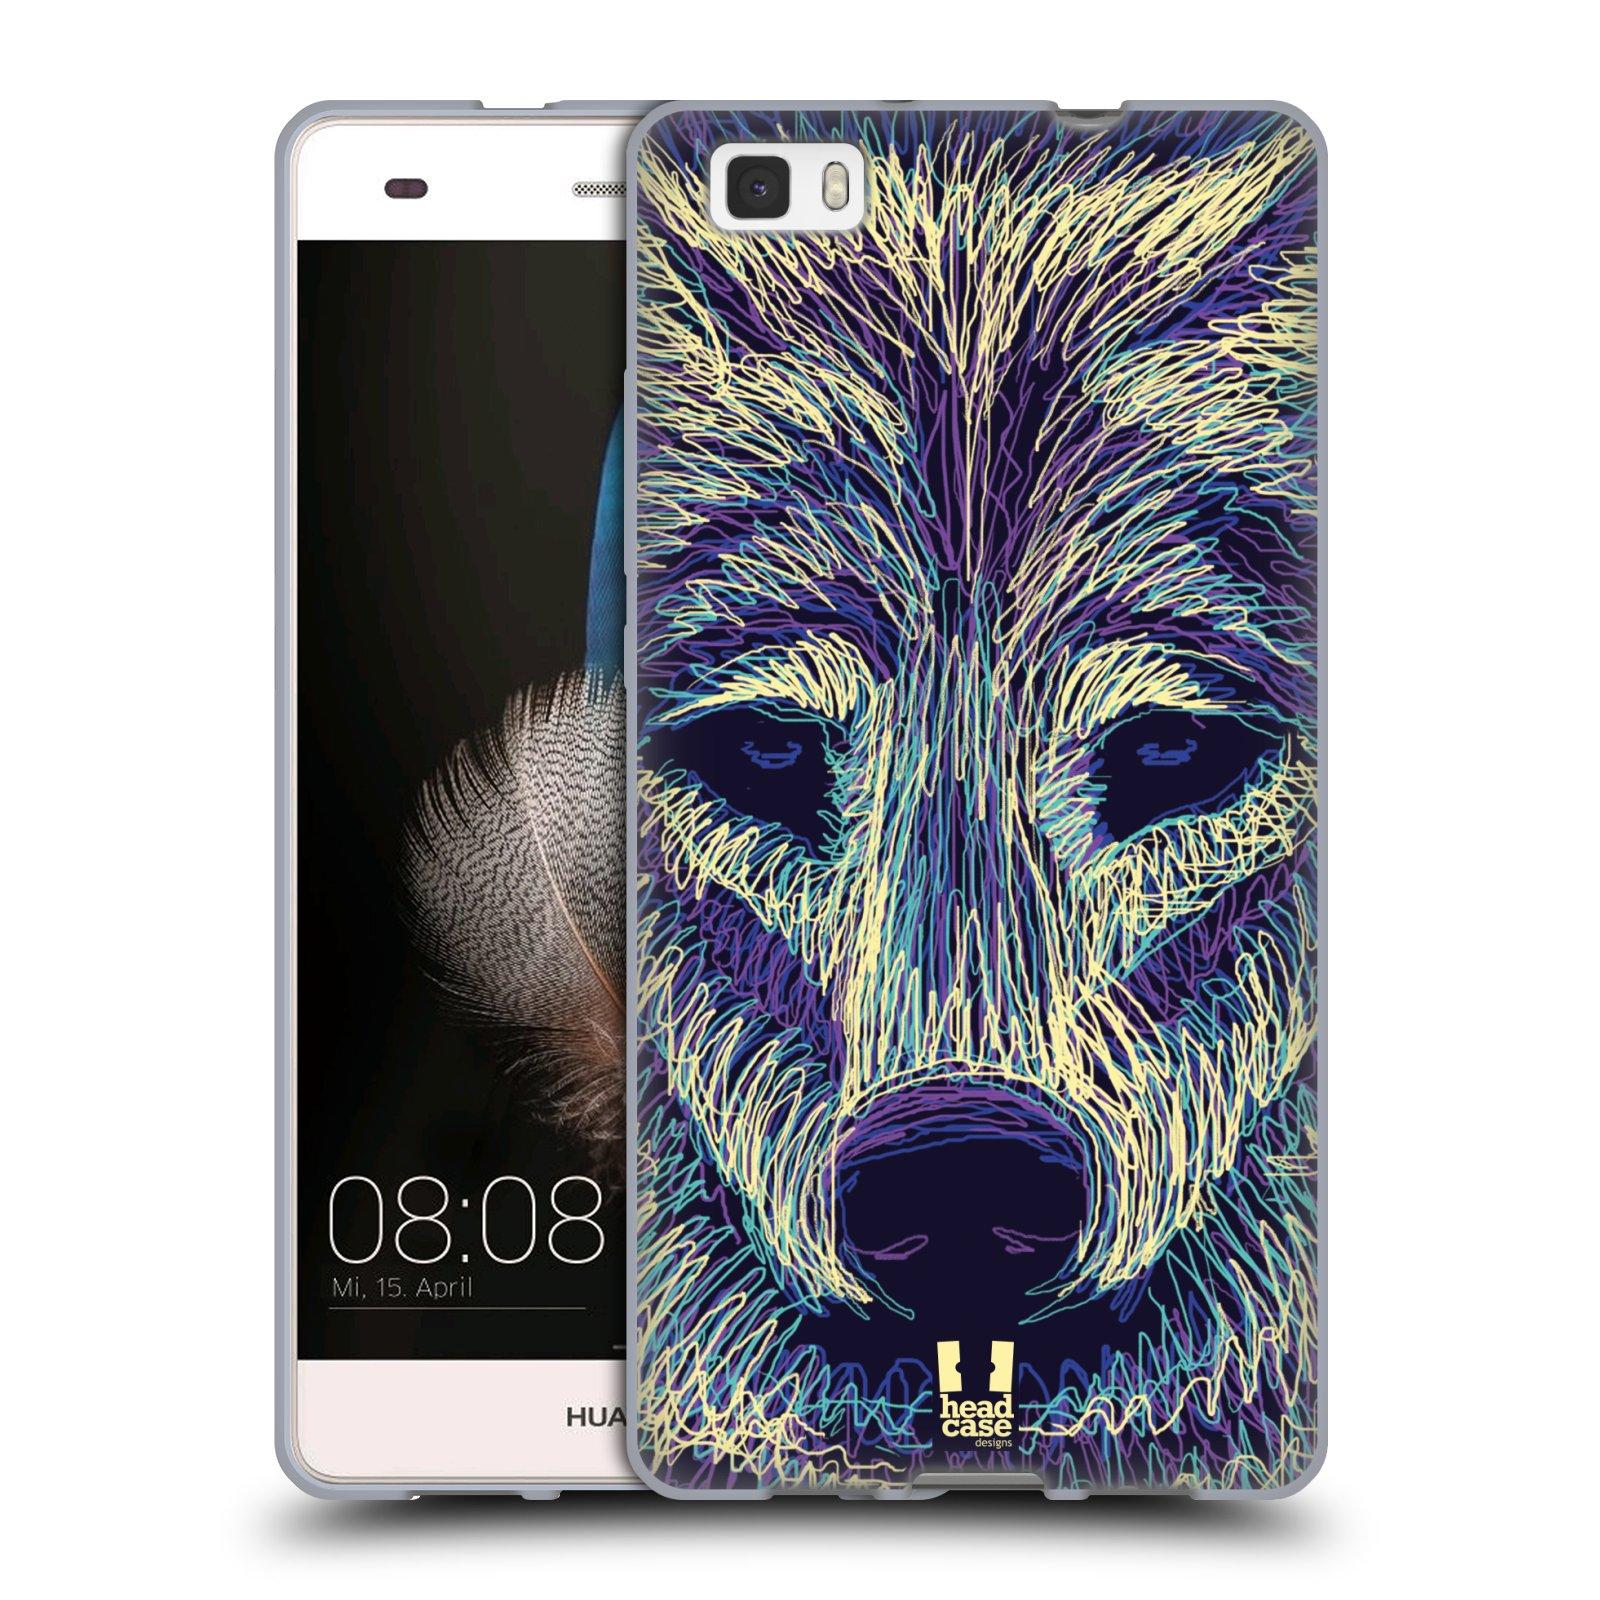 HEAD CASE silikonový obal na mobil HUAWEI P8 LITE vzor zvíře čmáranice vlk